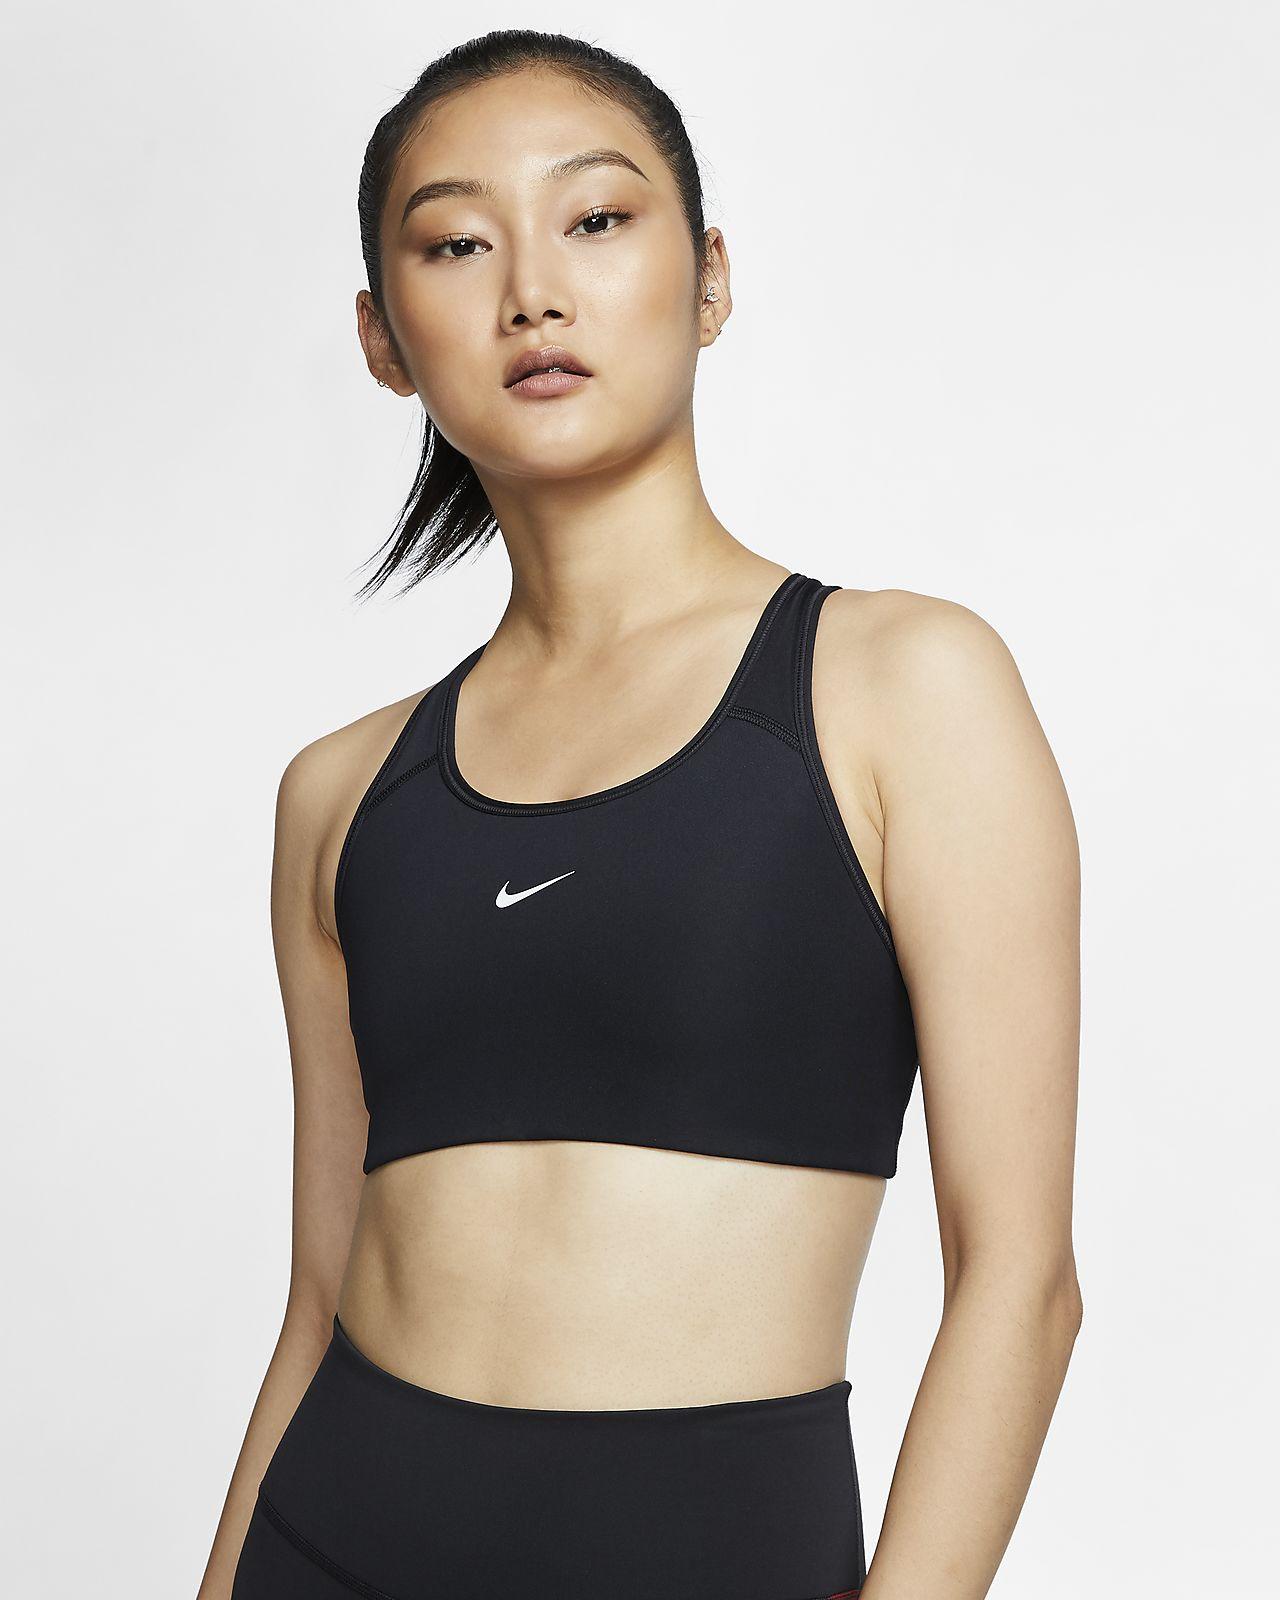 Αθλητικός στηθόδεσμος μέτριας στήριξης με ενίσχυση Nike Swoosh